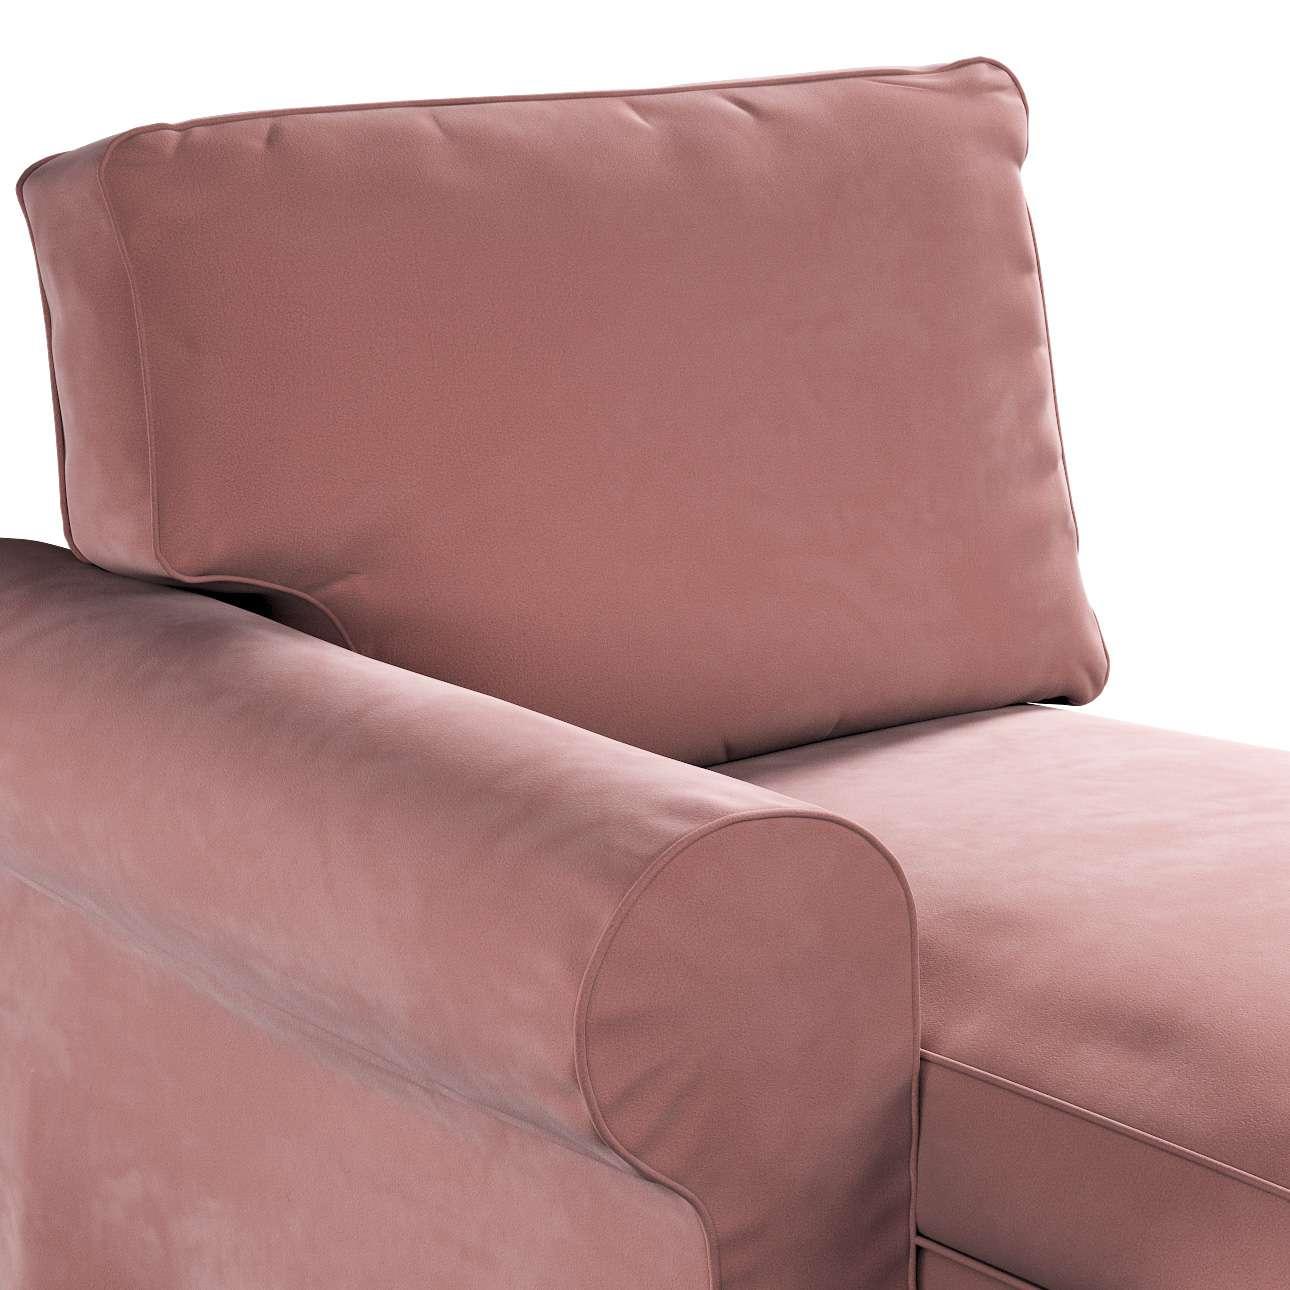 Pokrowiec na szezlong Ektorp lewy w kolekcji Velvet, tkanina: 704-30